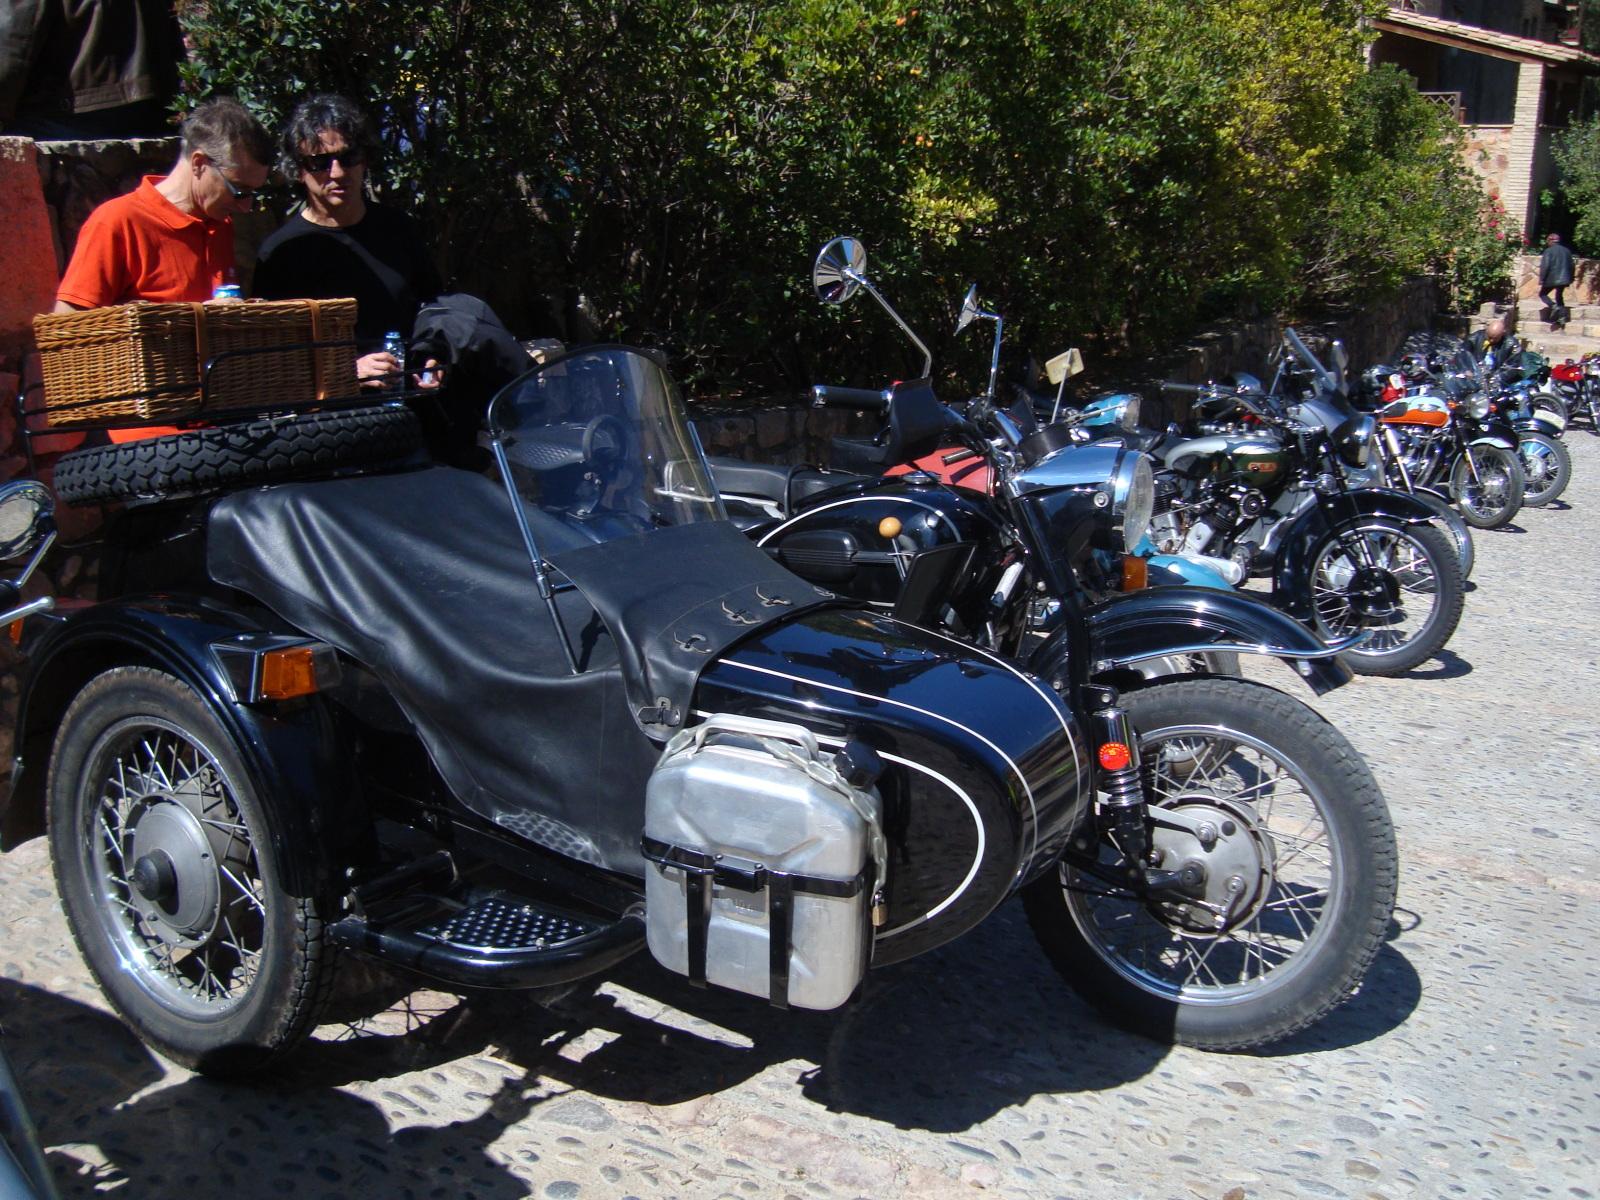 XI concentracion de motos antiguas en Alberuela de tubo (Huesca) K54a3d